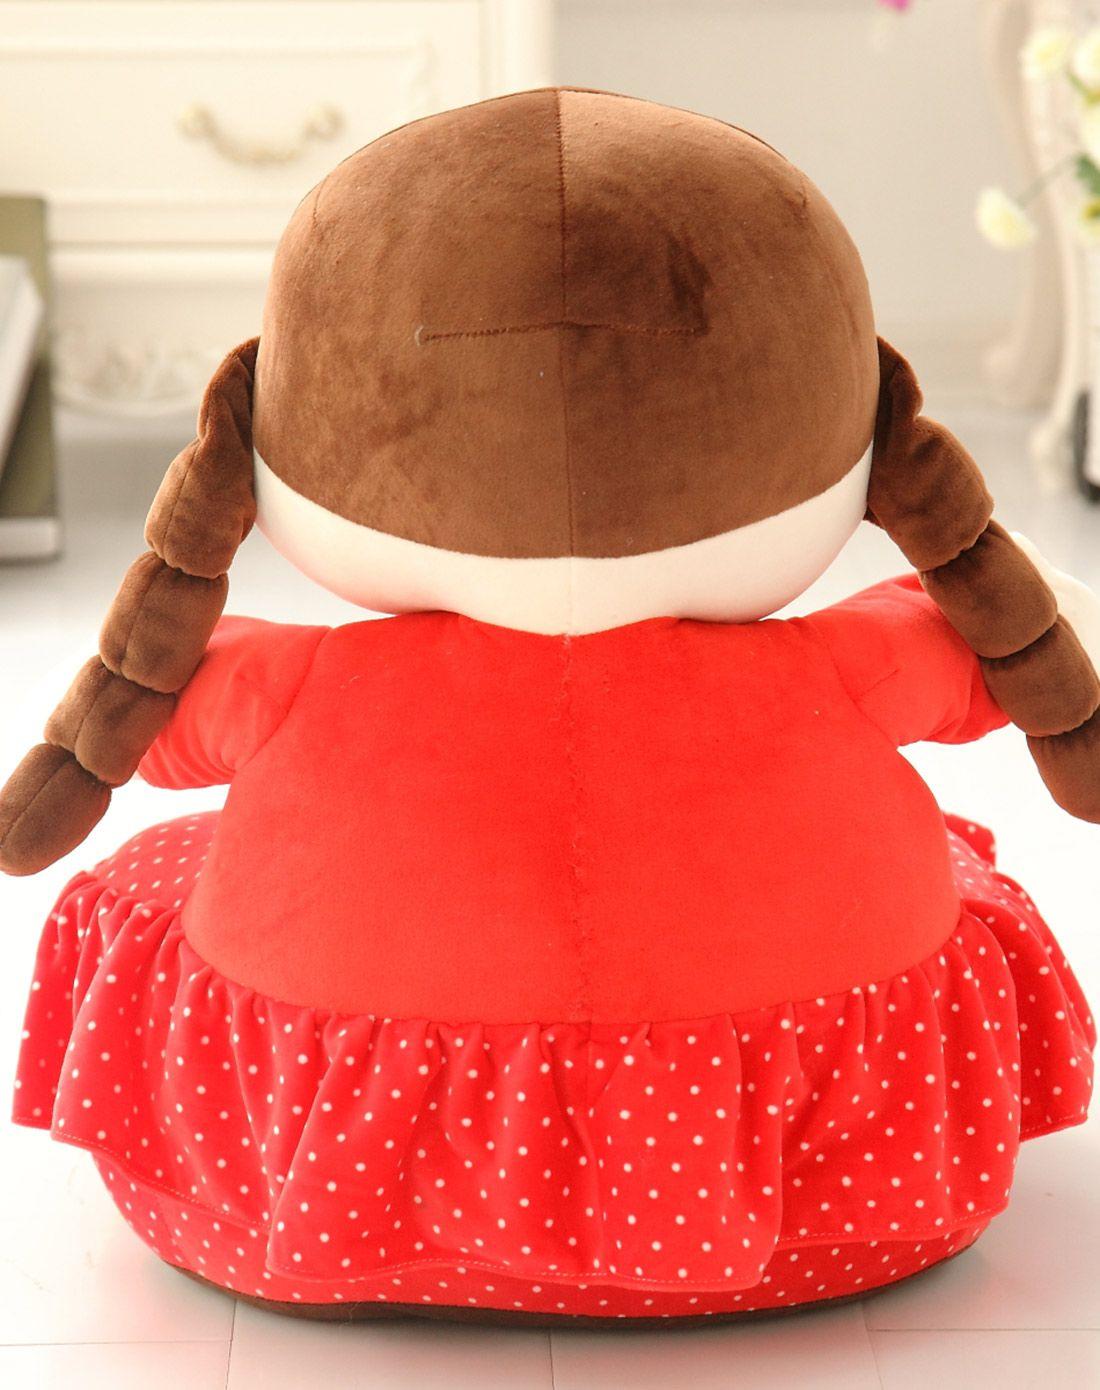 可爱沙发-红色大眼娃娃